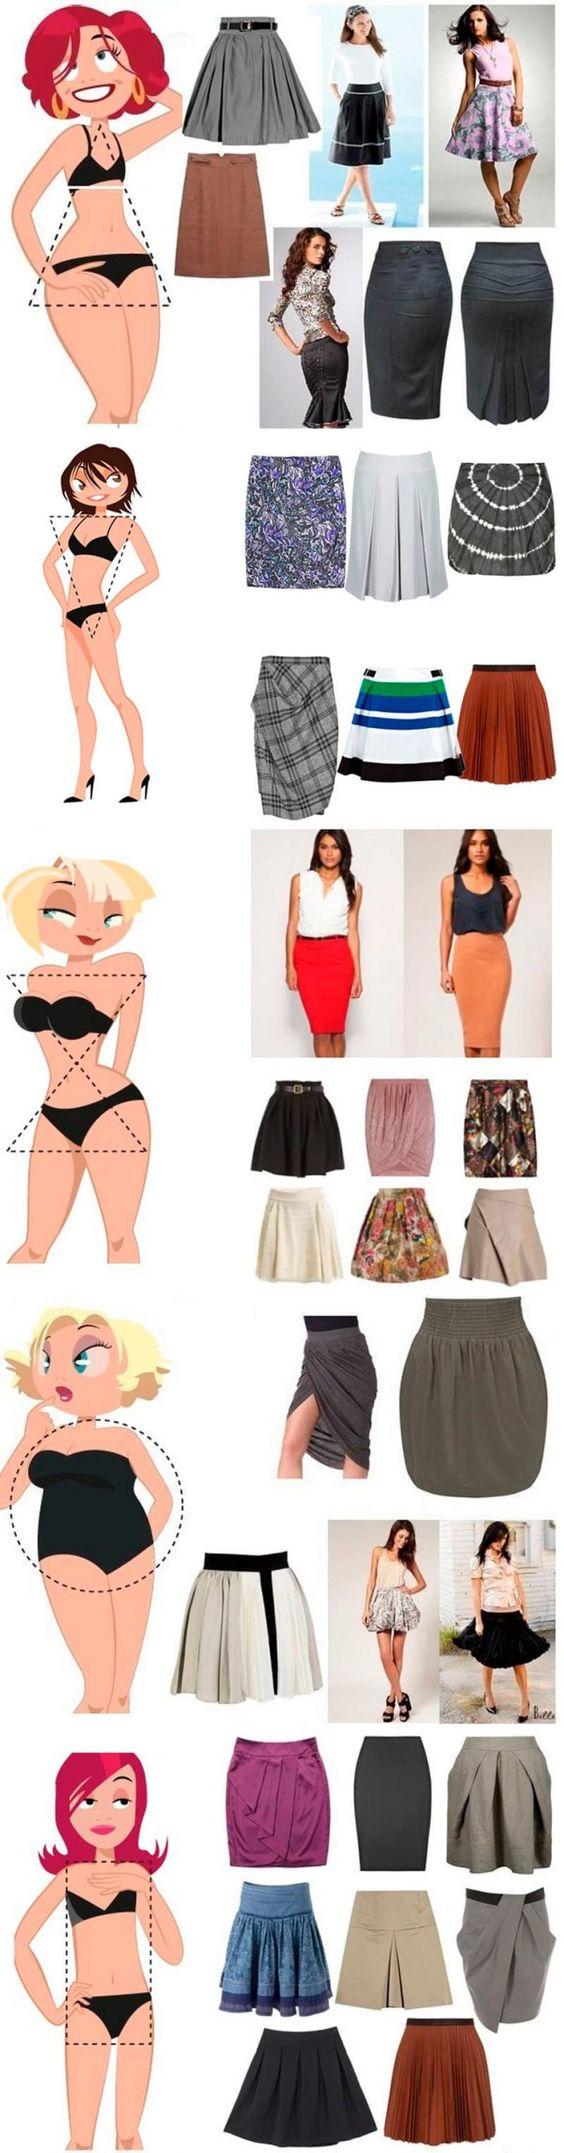 Como escolher uma saia de sua figura - dicas pouco com fotos